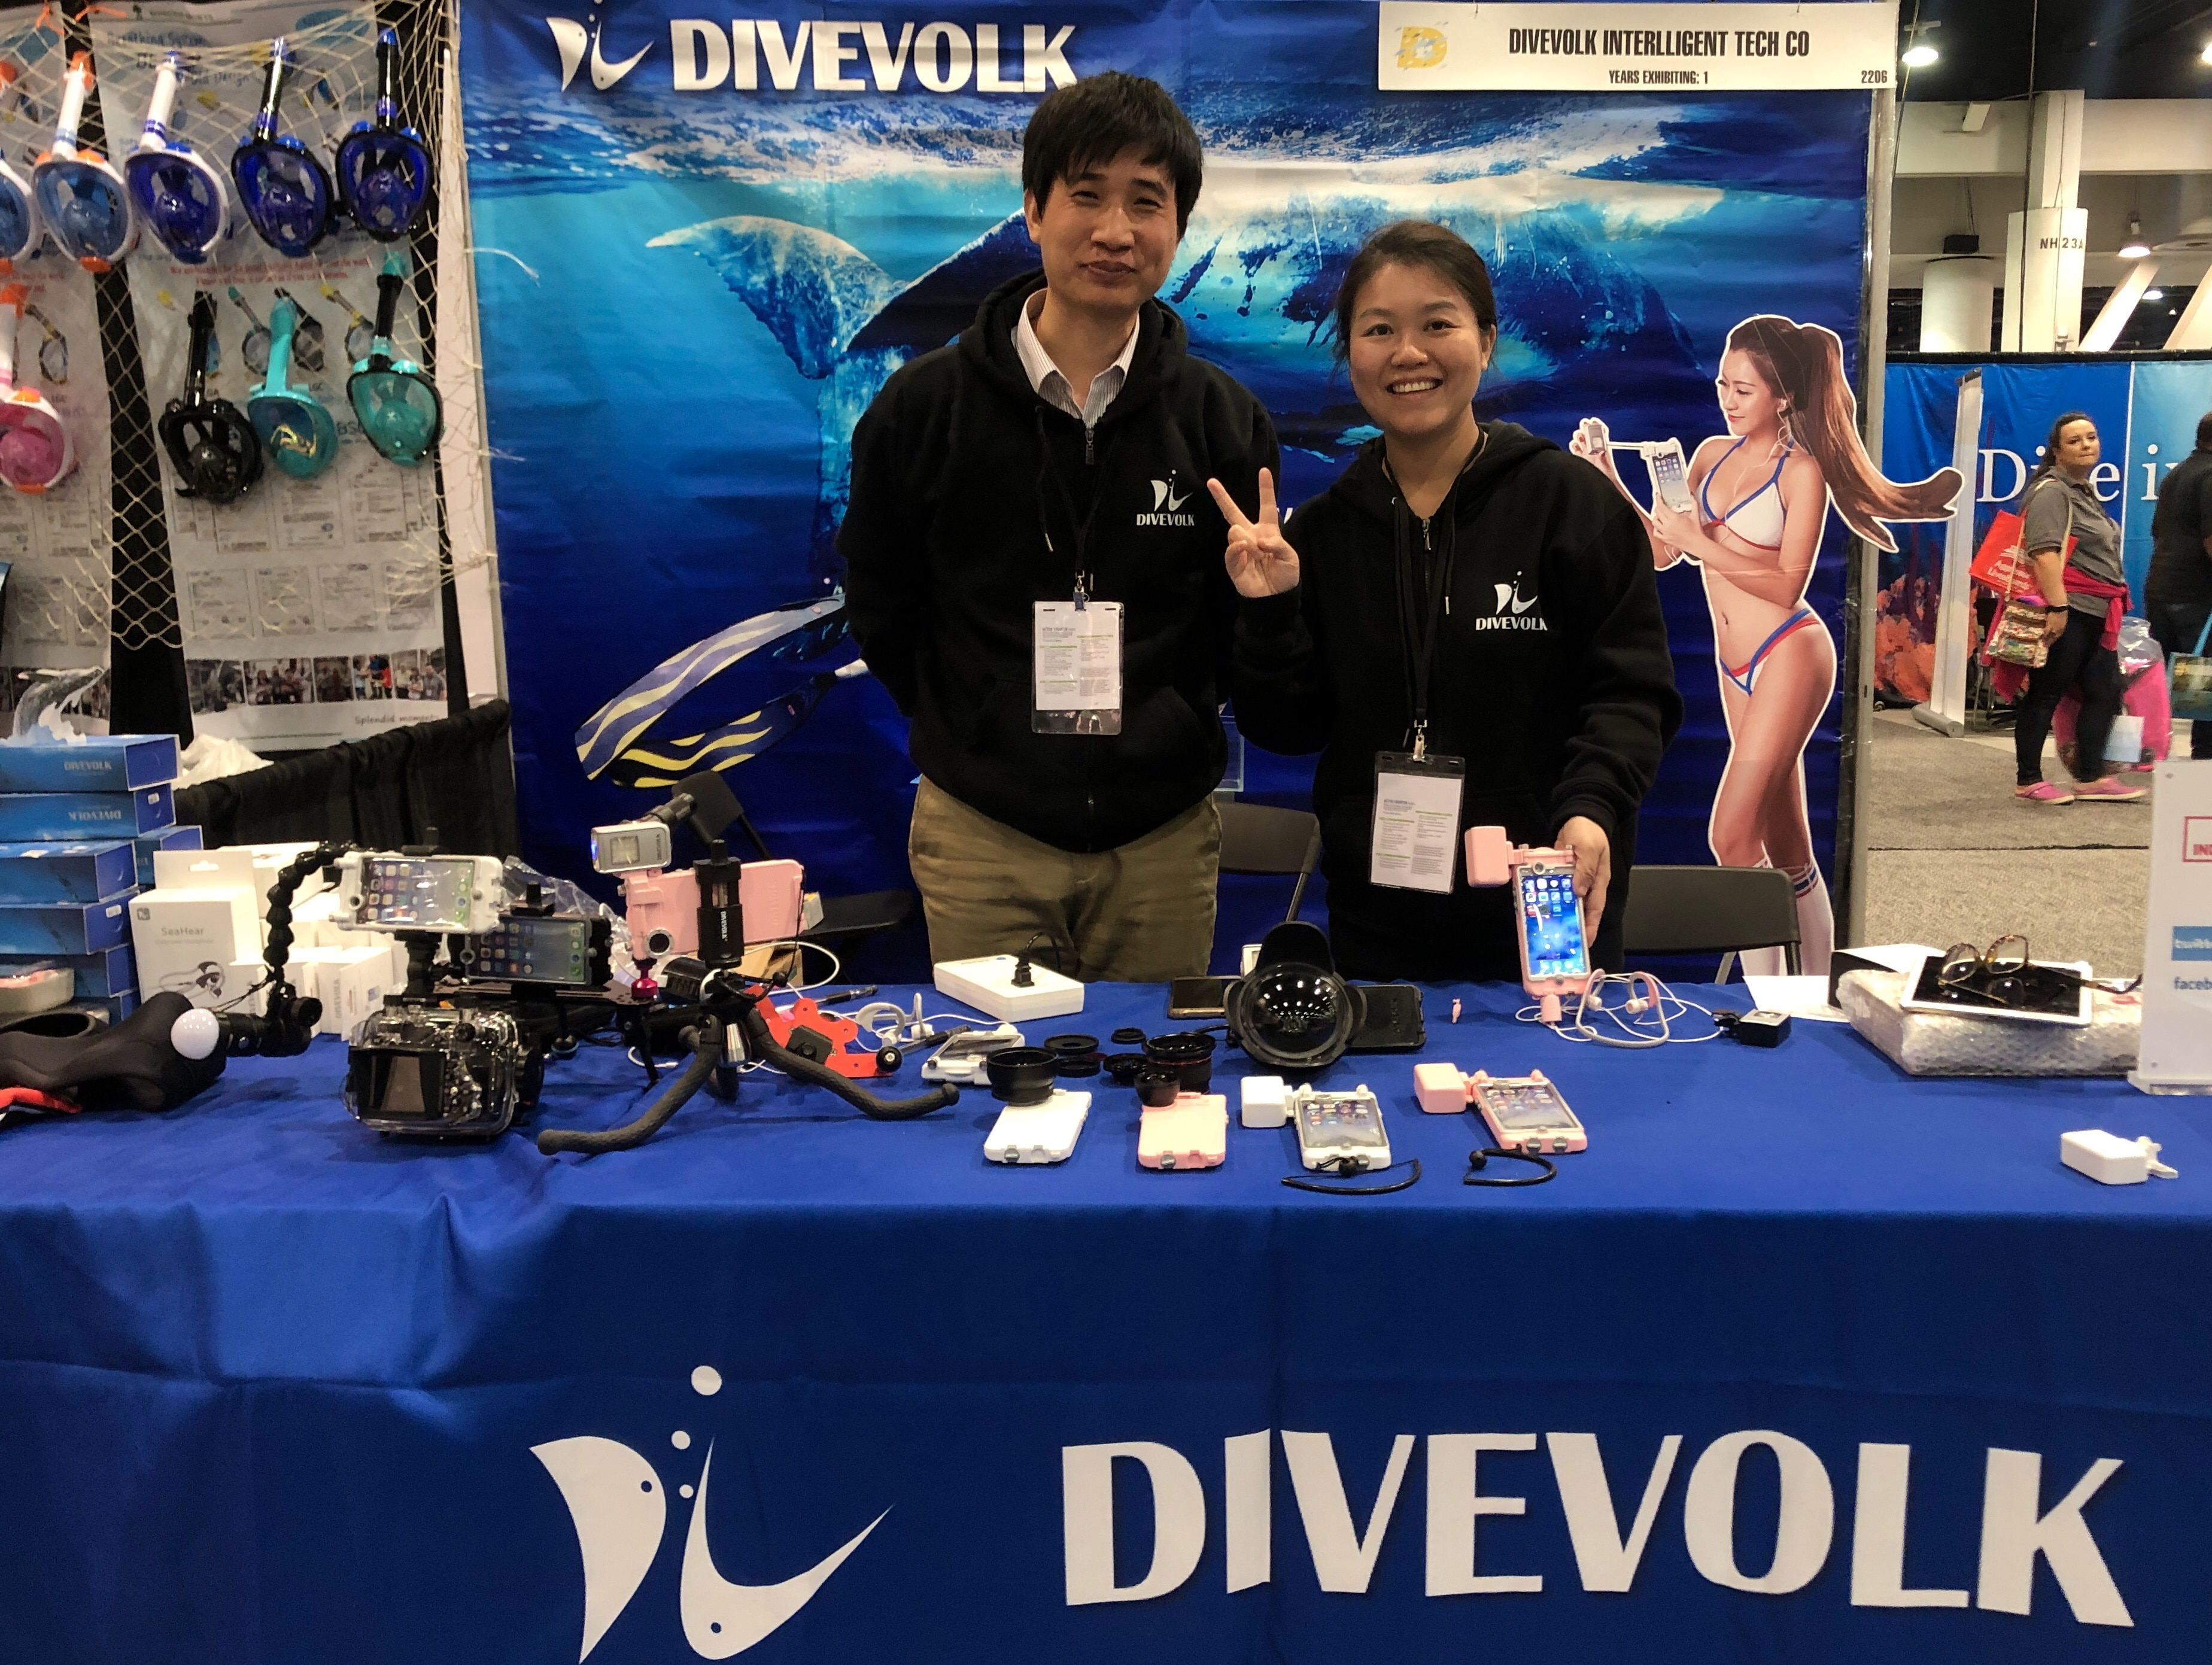 Divevolk's new iPhone dive case